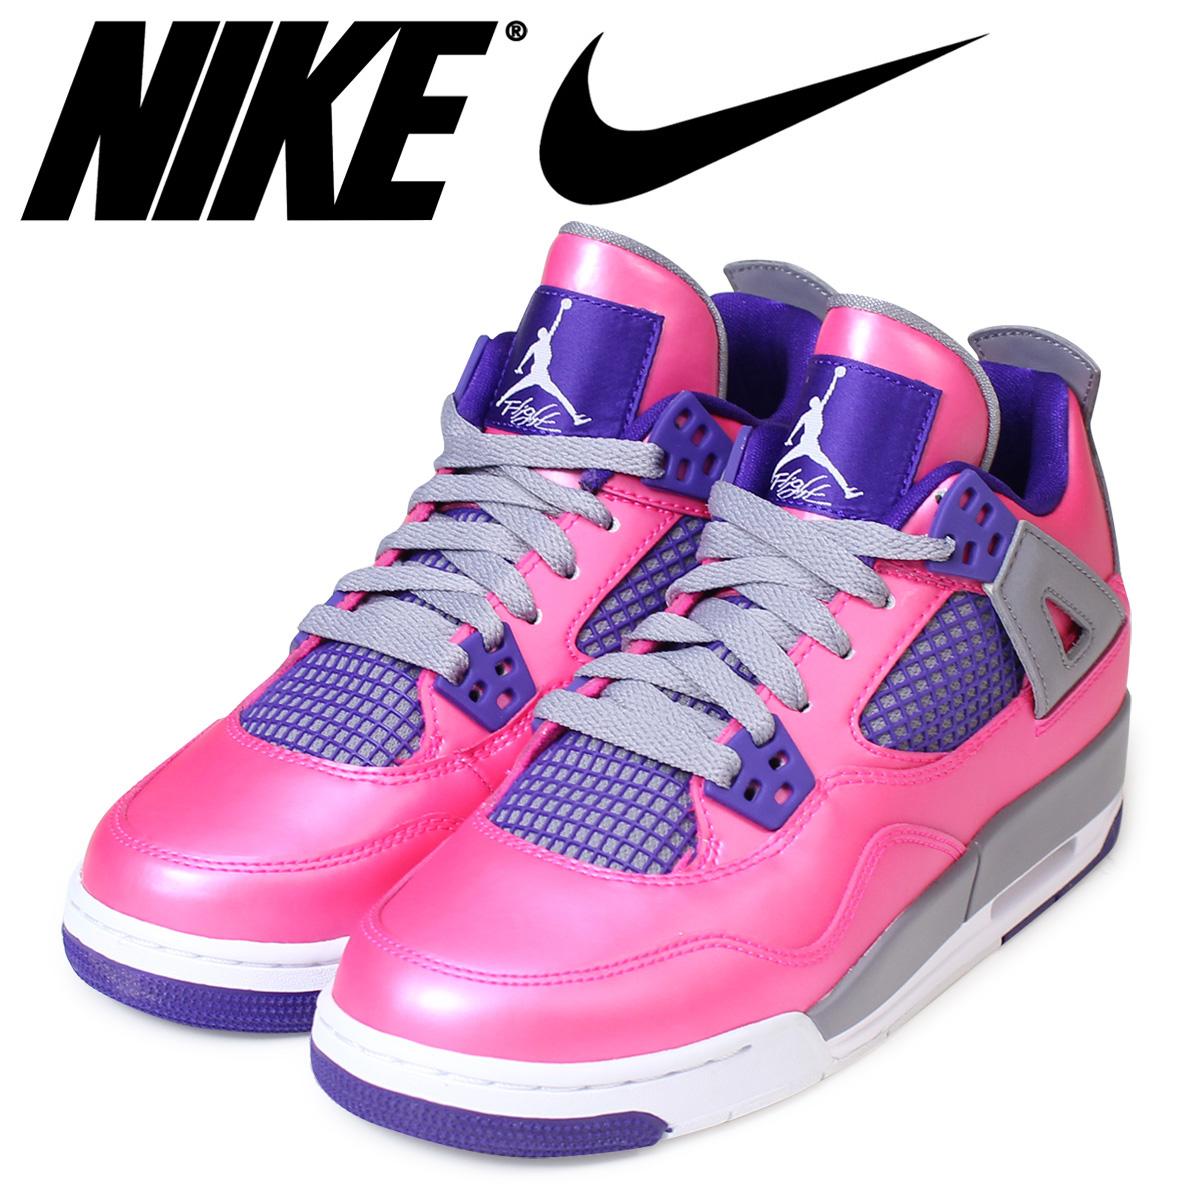 designer fashion 4bd6c a7655 NIKE Nike Air Jordan sneakers Lady's AIR JORDAN 4 RETRO GS Air Jordan 4  nostalgic 487,724-607 shoes pink